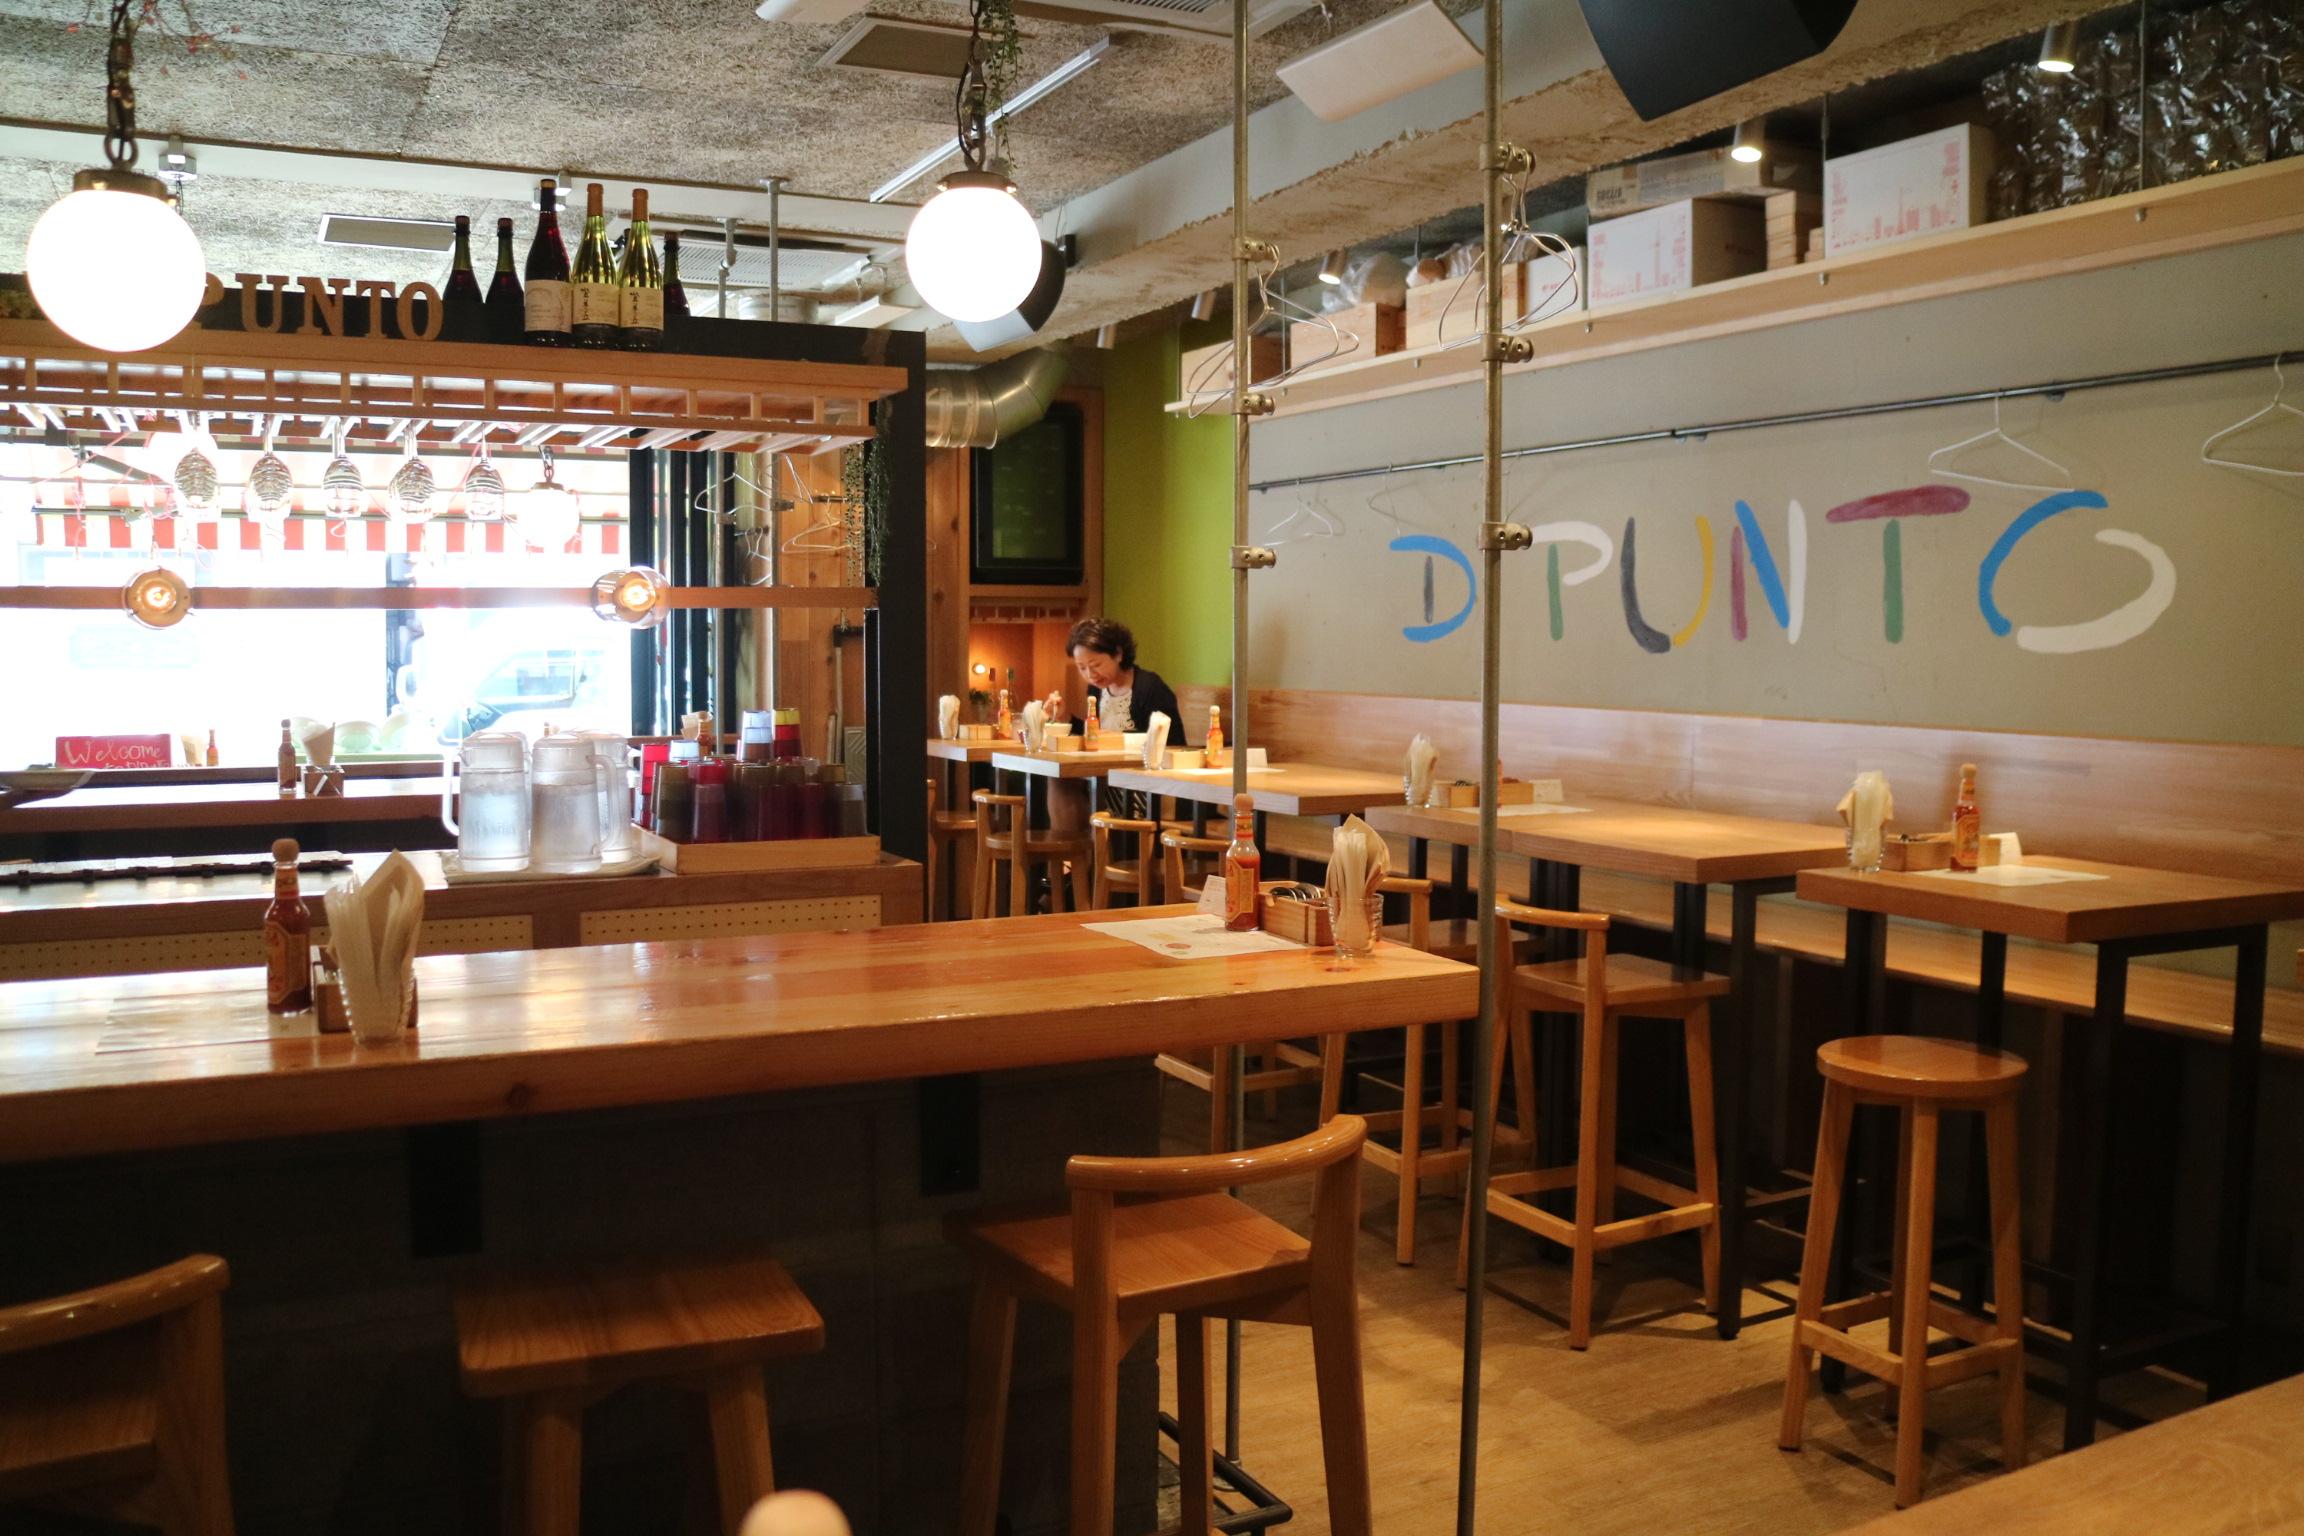 ワインバル「Di PUNTO(ディプント)」の既存店舗